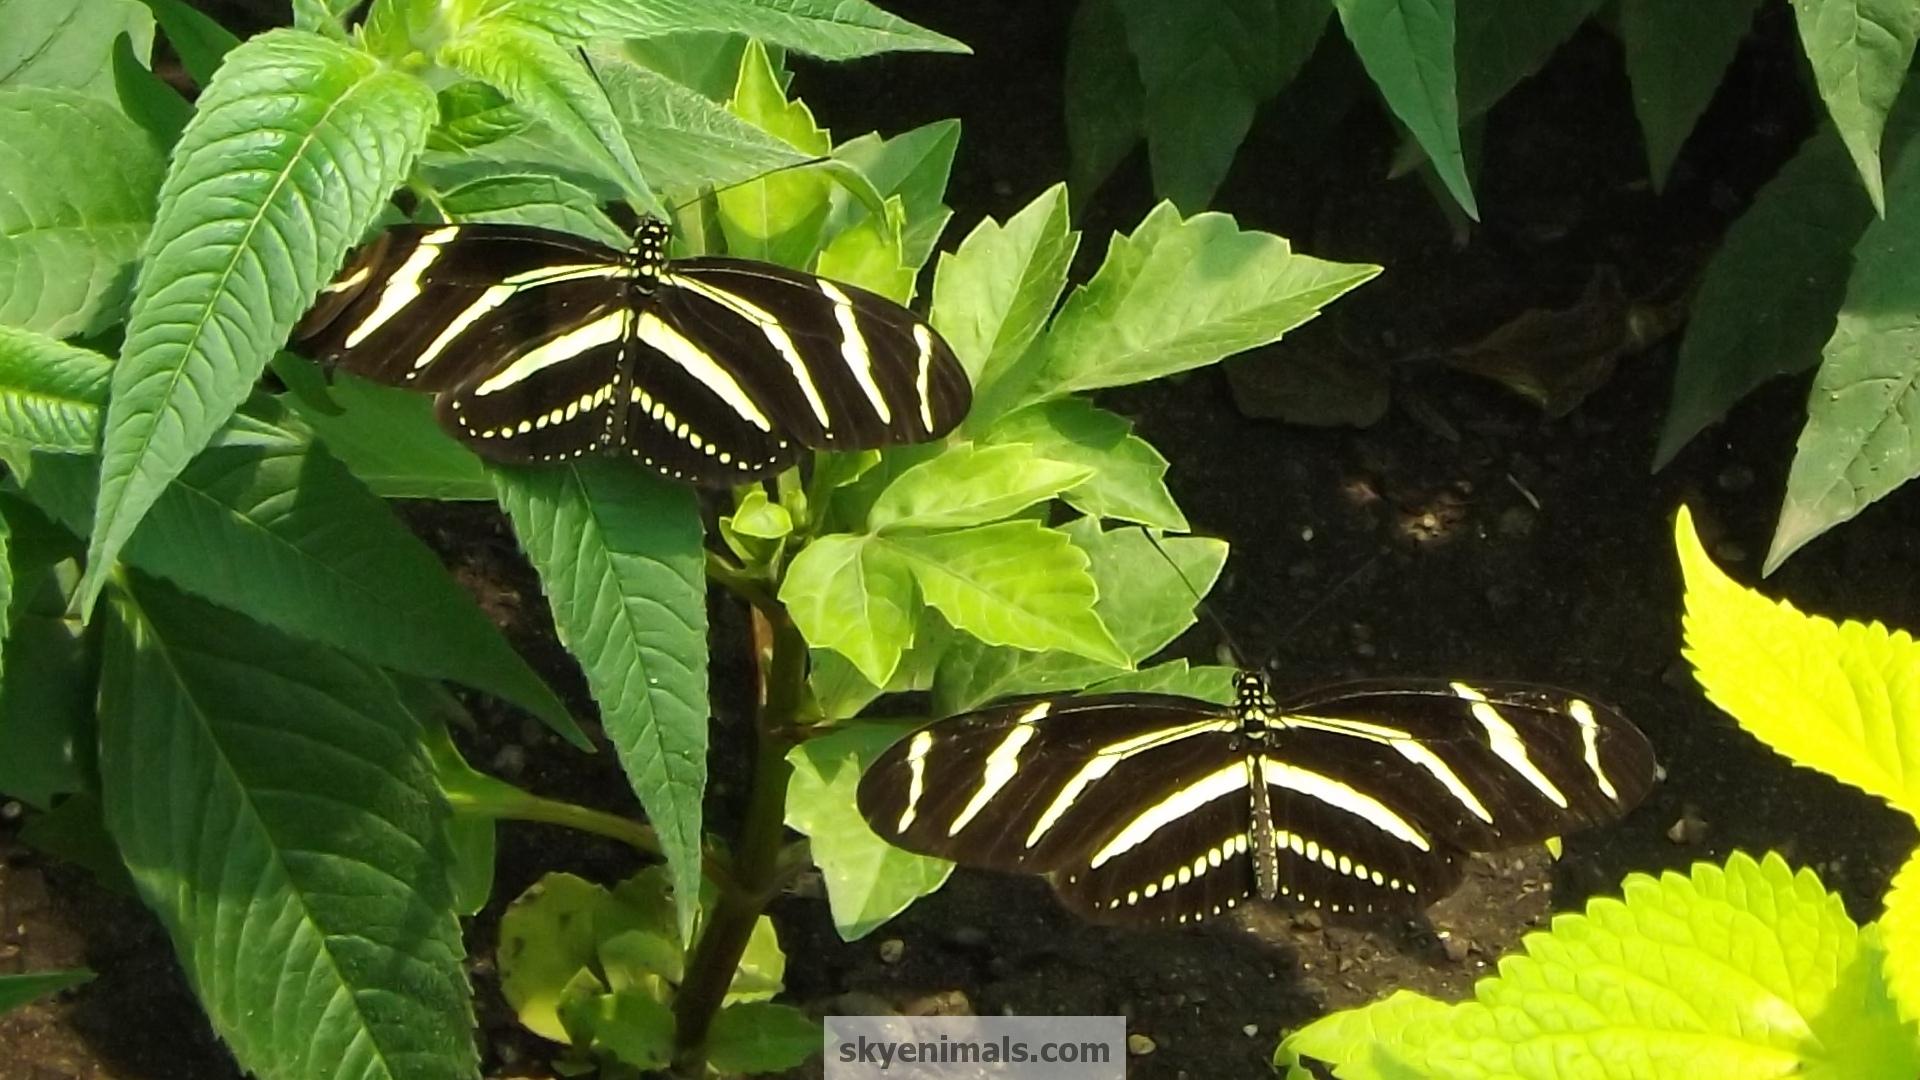 wallpaper wallpapers zebra zebra3 butterflies cat images 1920x1080